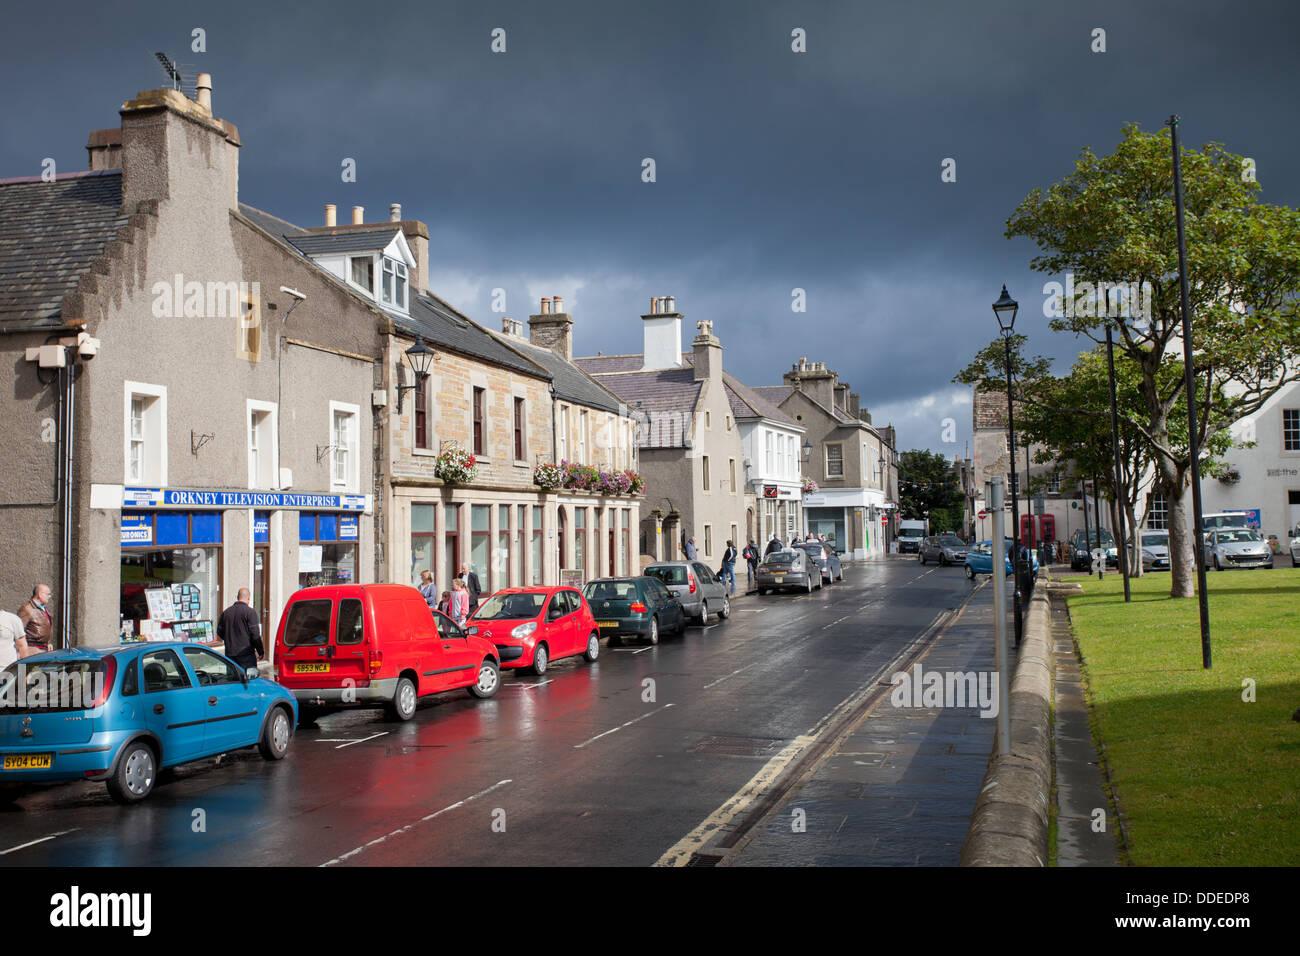 Broad Street, Kirkwall, Orkney, après une douche à effet pluie et soleil d'été. Photo Stock